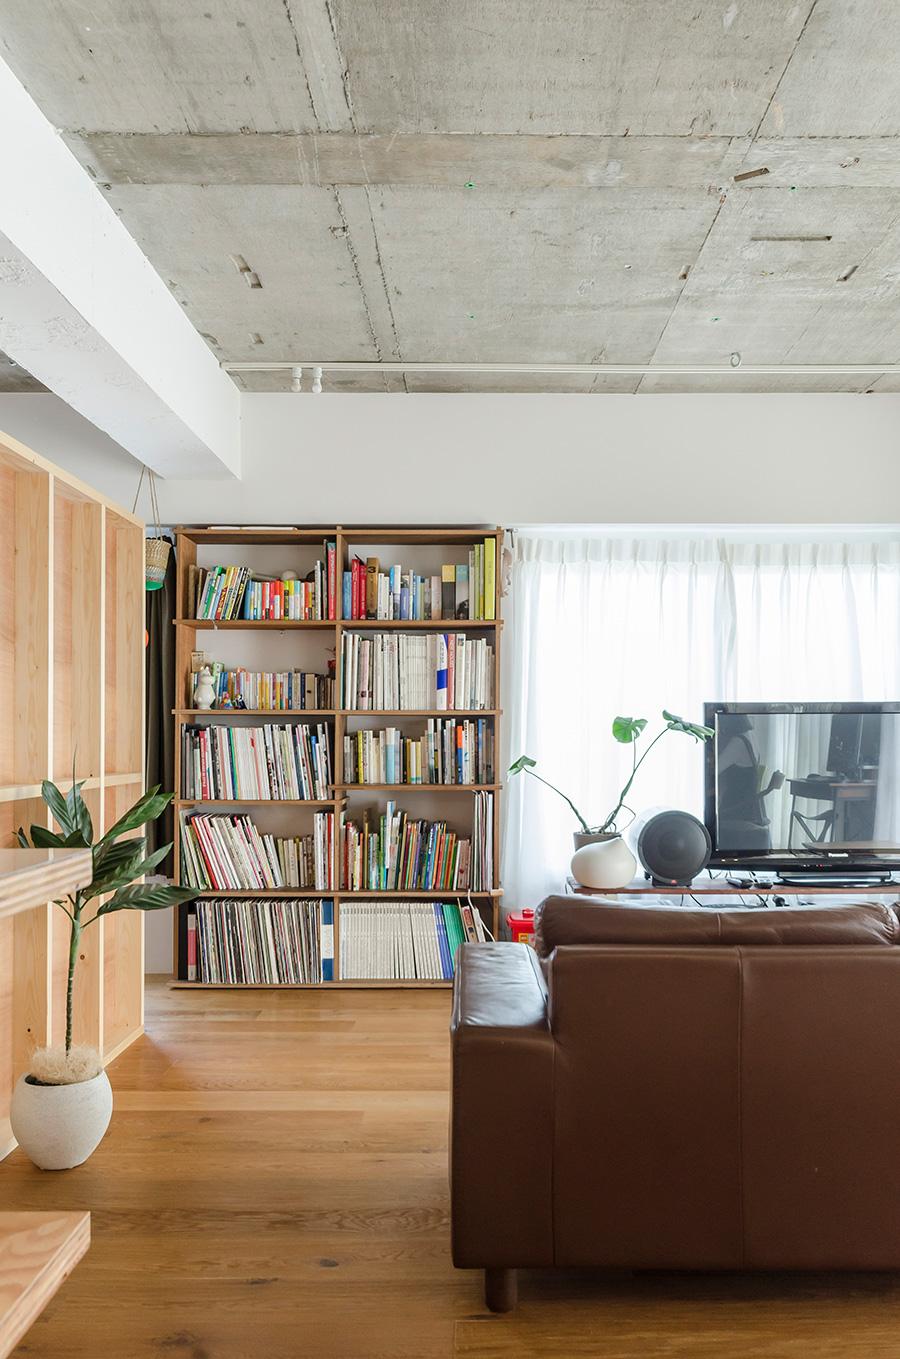 前の自宅から持ってきた本棚は、自らDIYで作製したもの